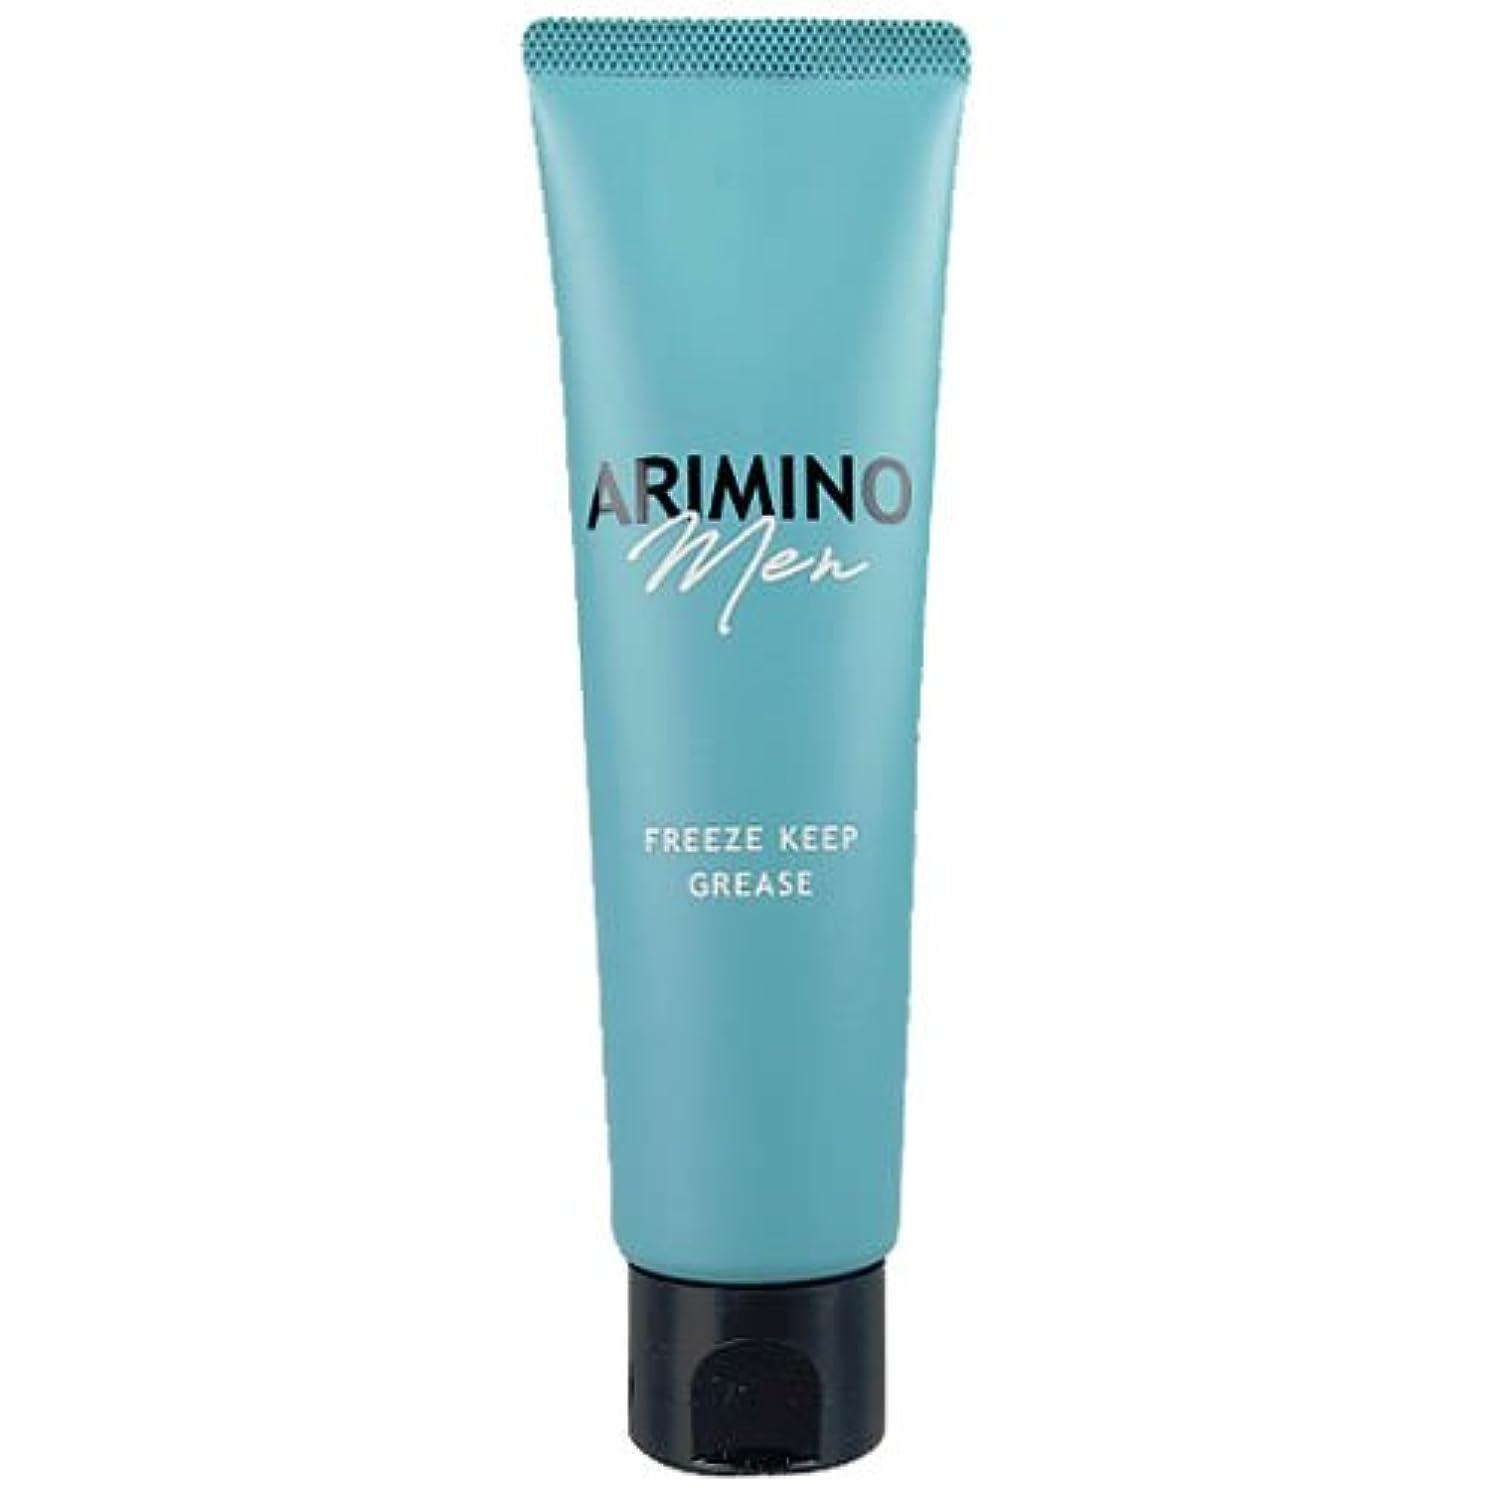 ソロ毒性発掘アリミノ ARIMINO アリミノ メン フリーズキープ グリース 100g [並行輸入品]